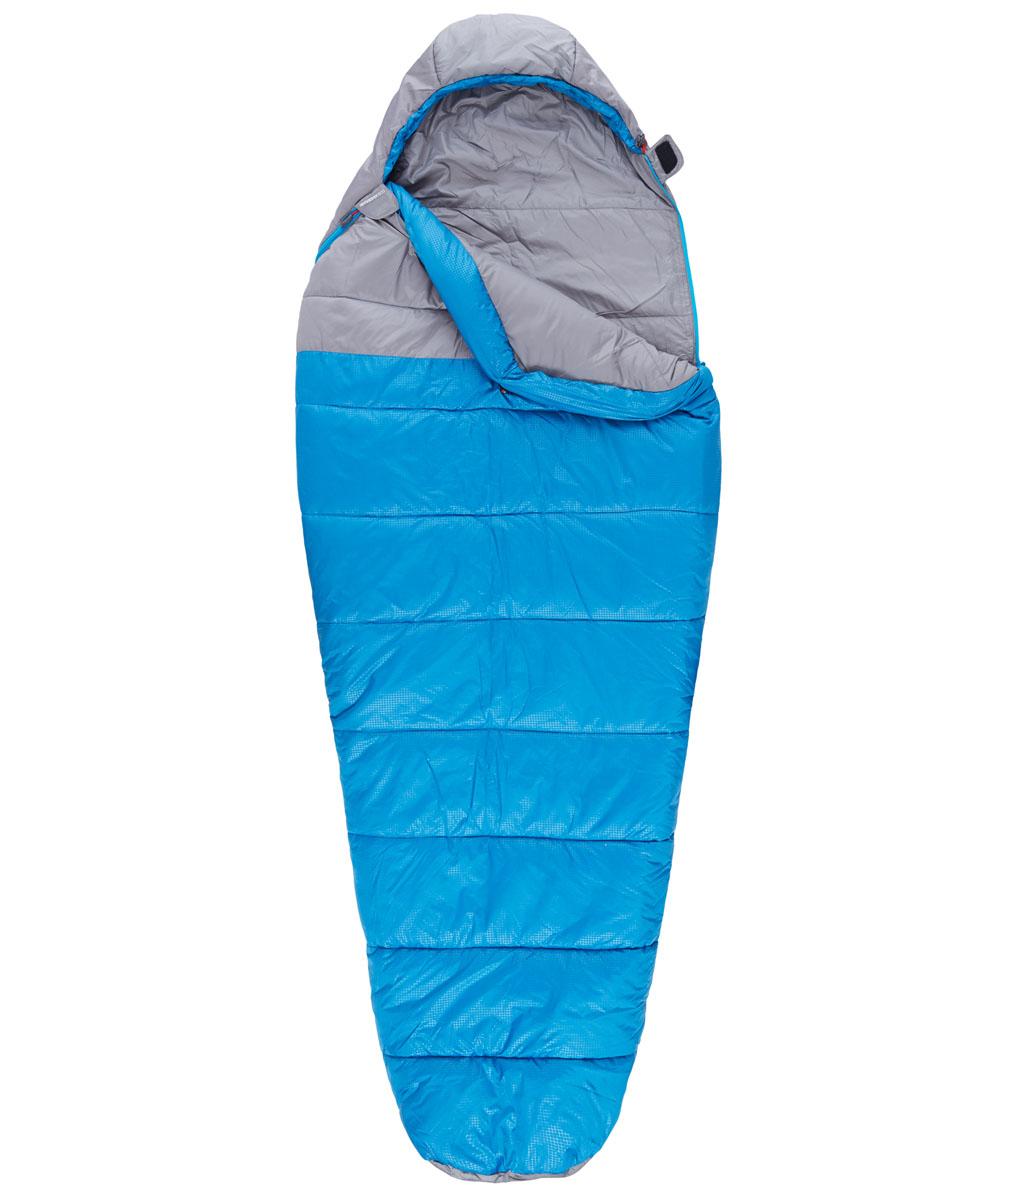 Спальный мешок The North Face Aleutian 20/-7, цвет: синий. T0A3A0M8RRH REG